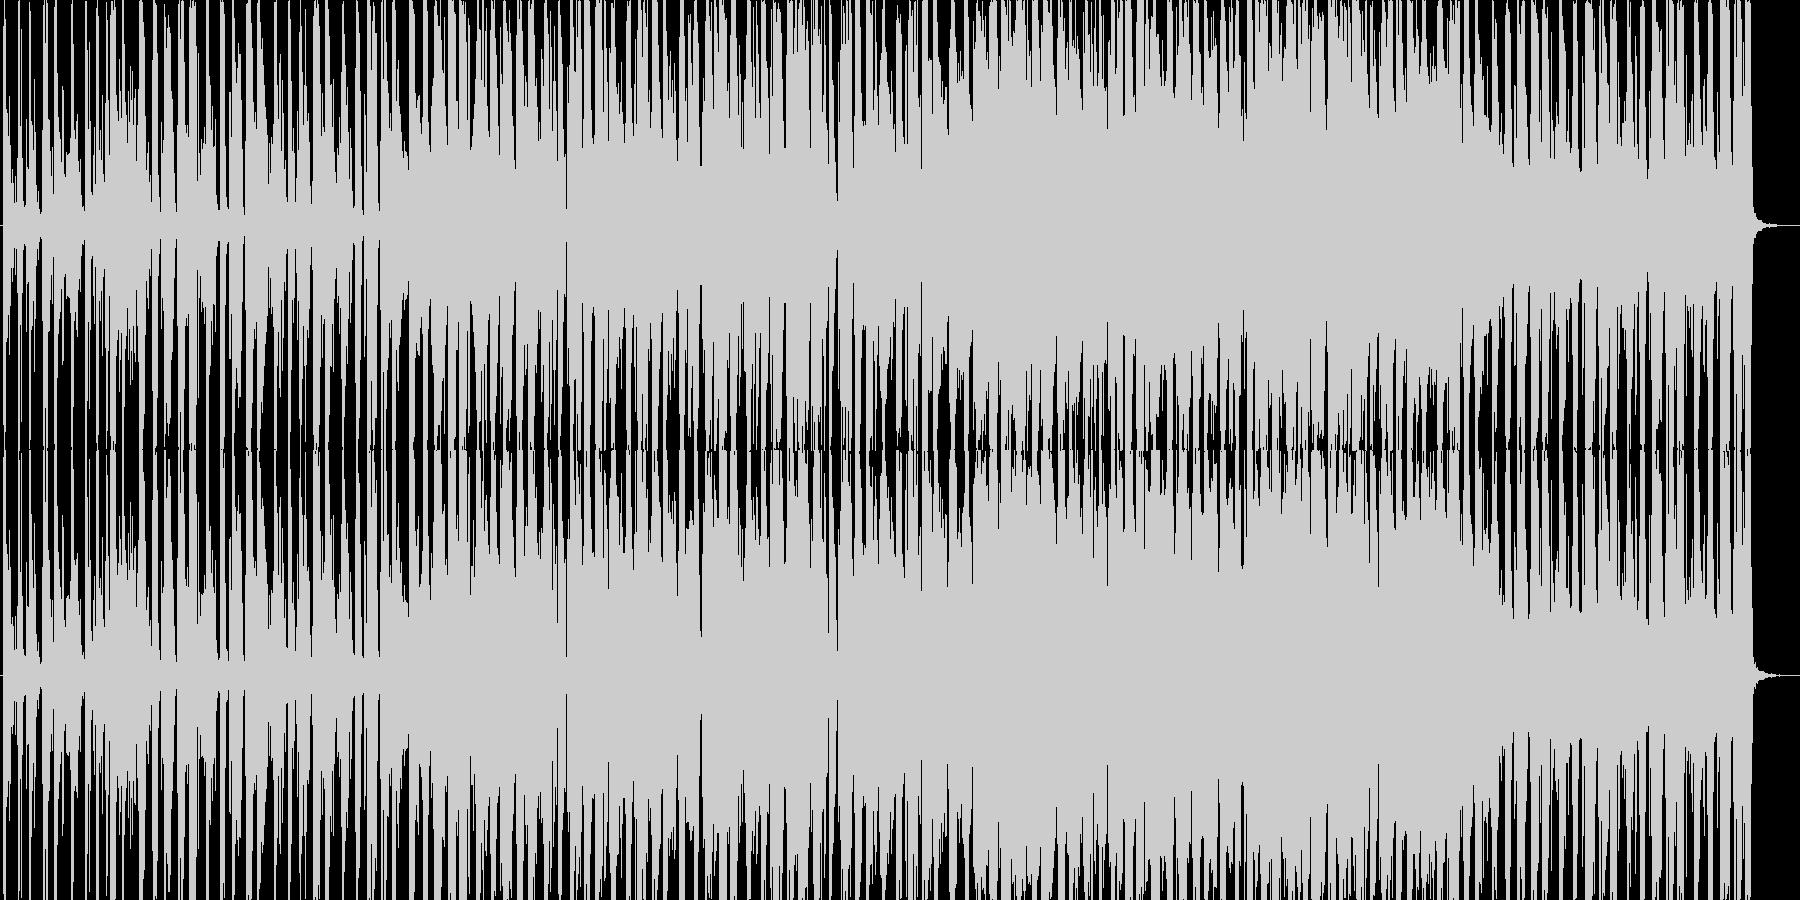 マーチングのリズムでノリのよいケルト風の未再生の波形